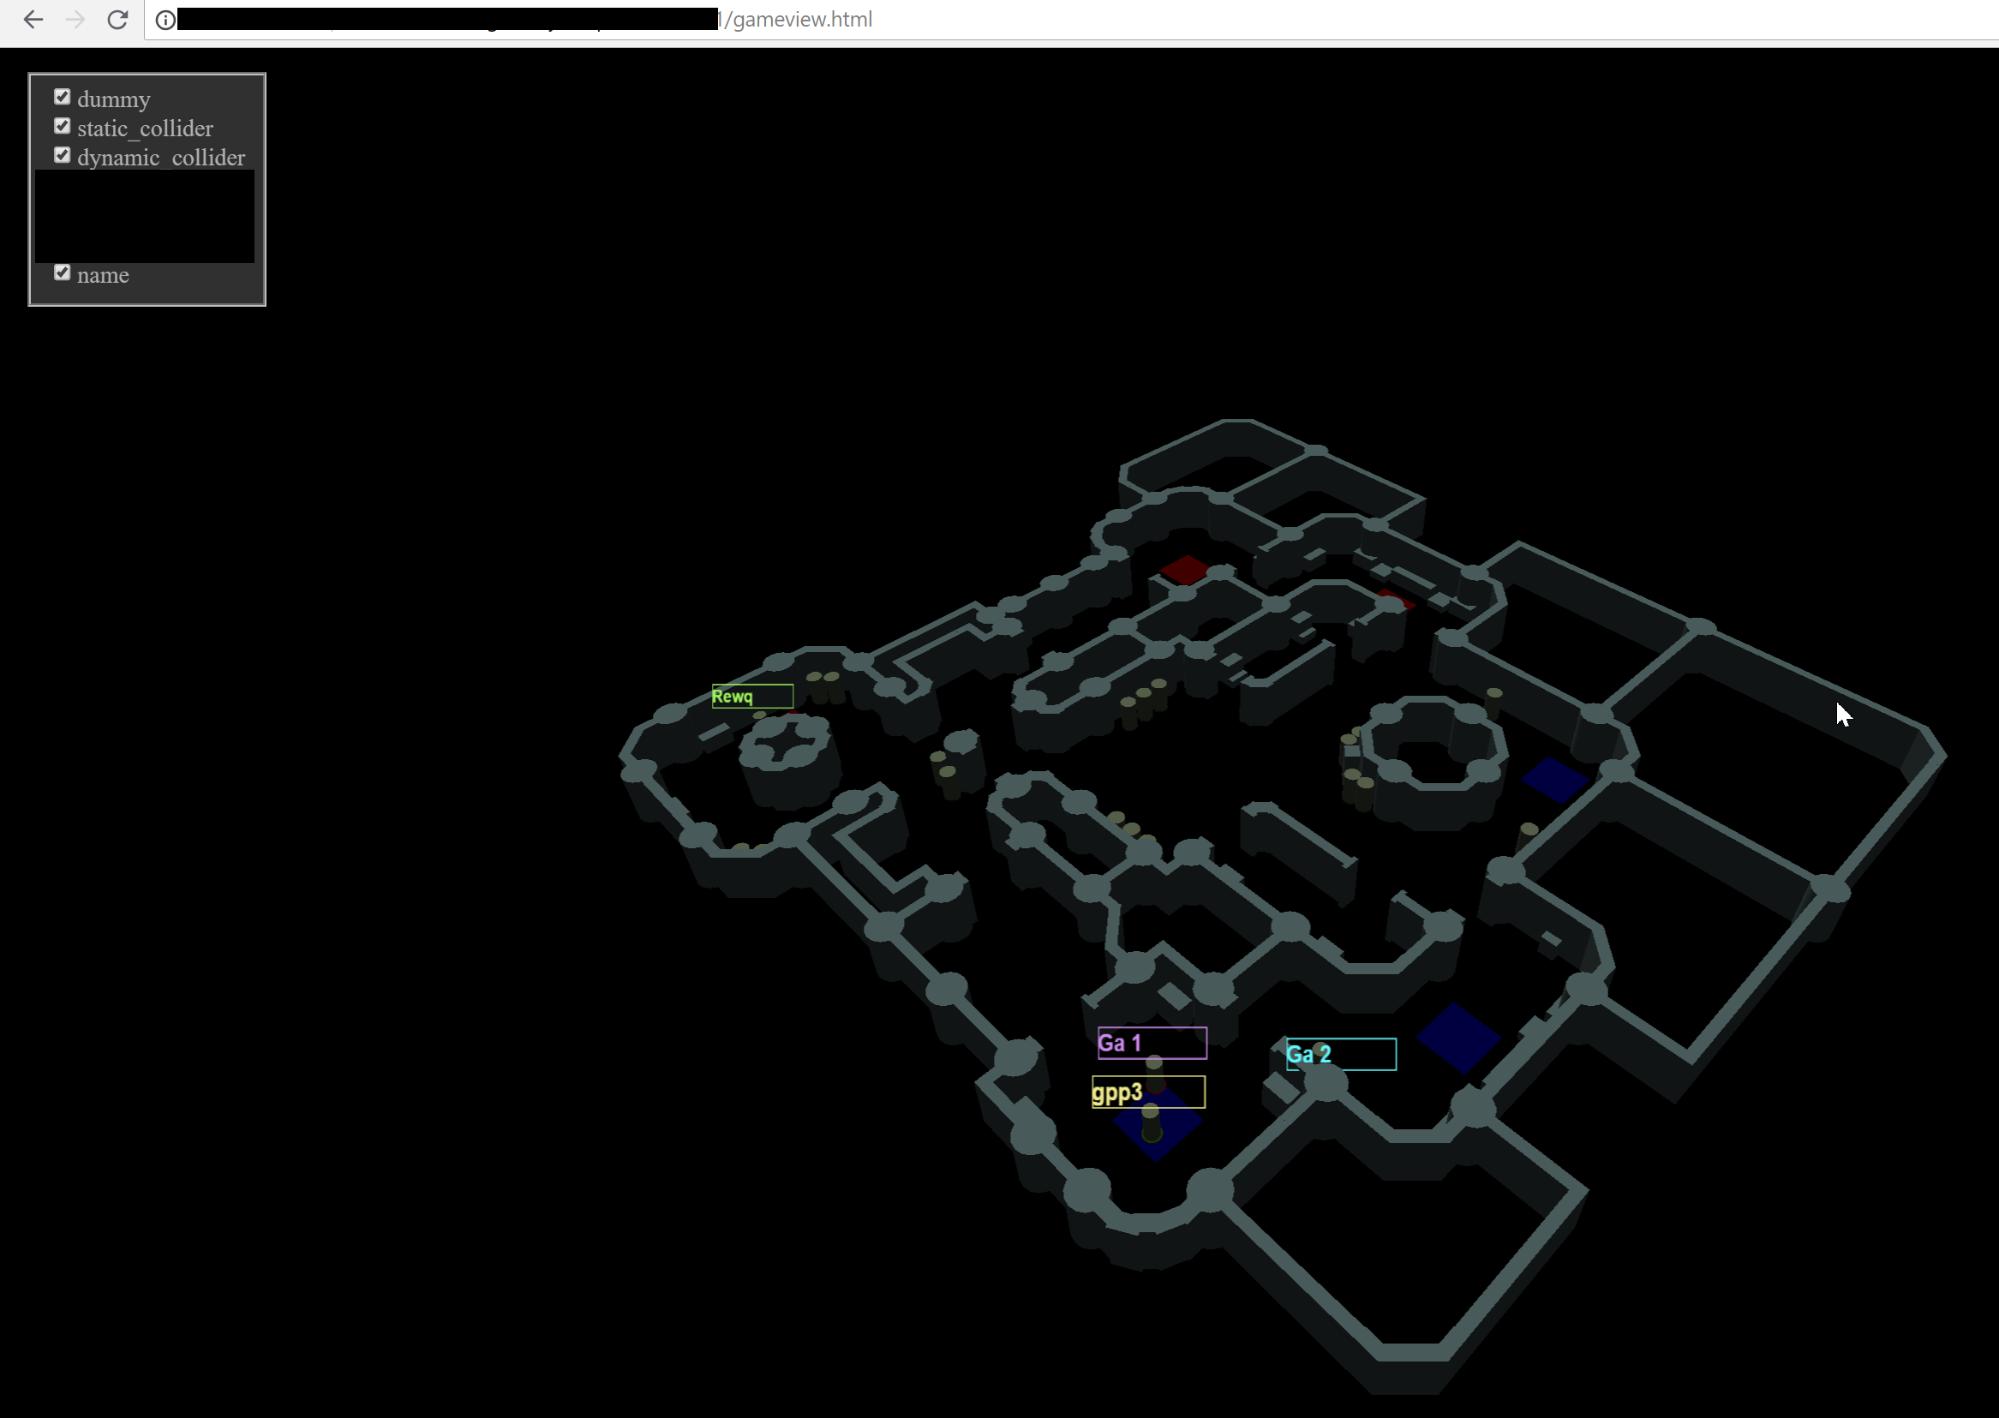 Как мы отлаживаем в браузере самописный ECS на игровом сервере - 5